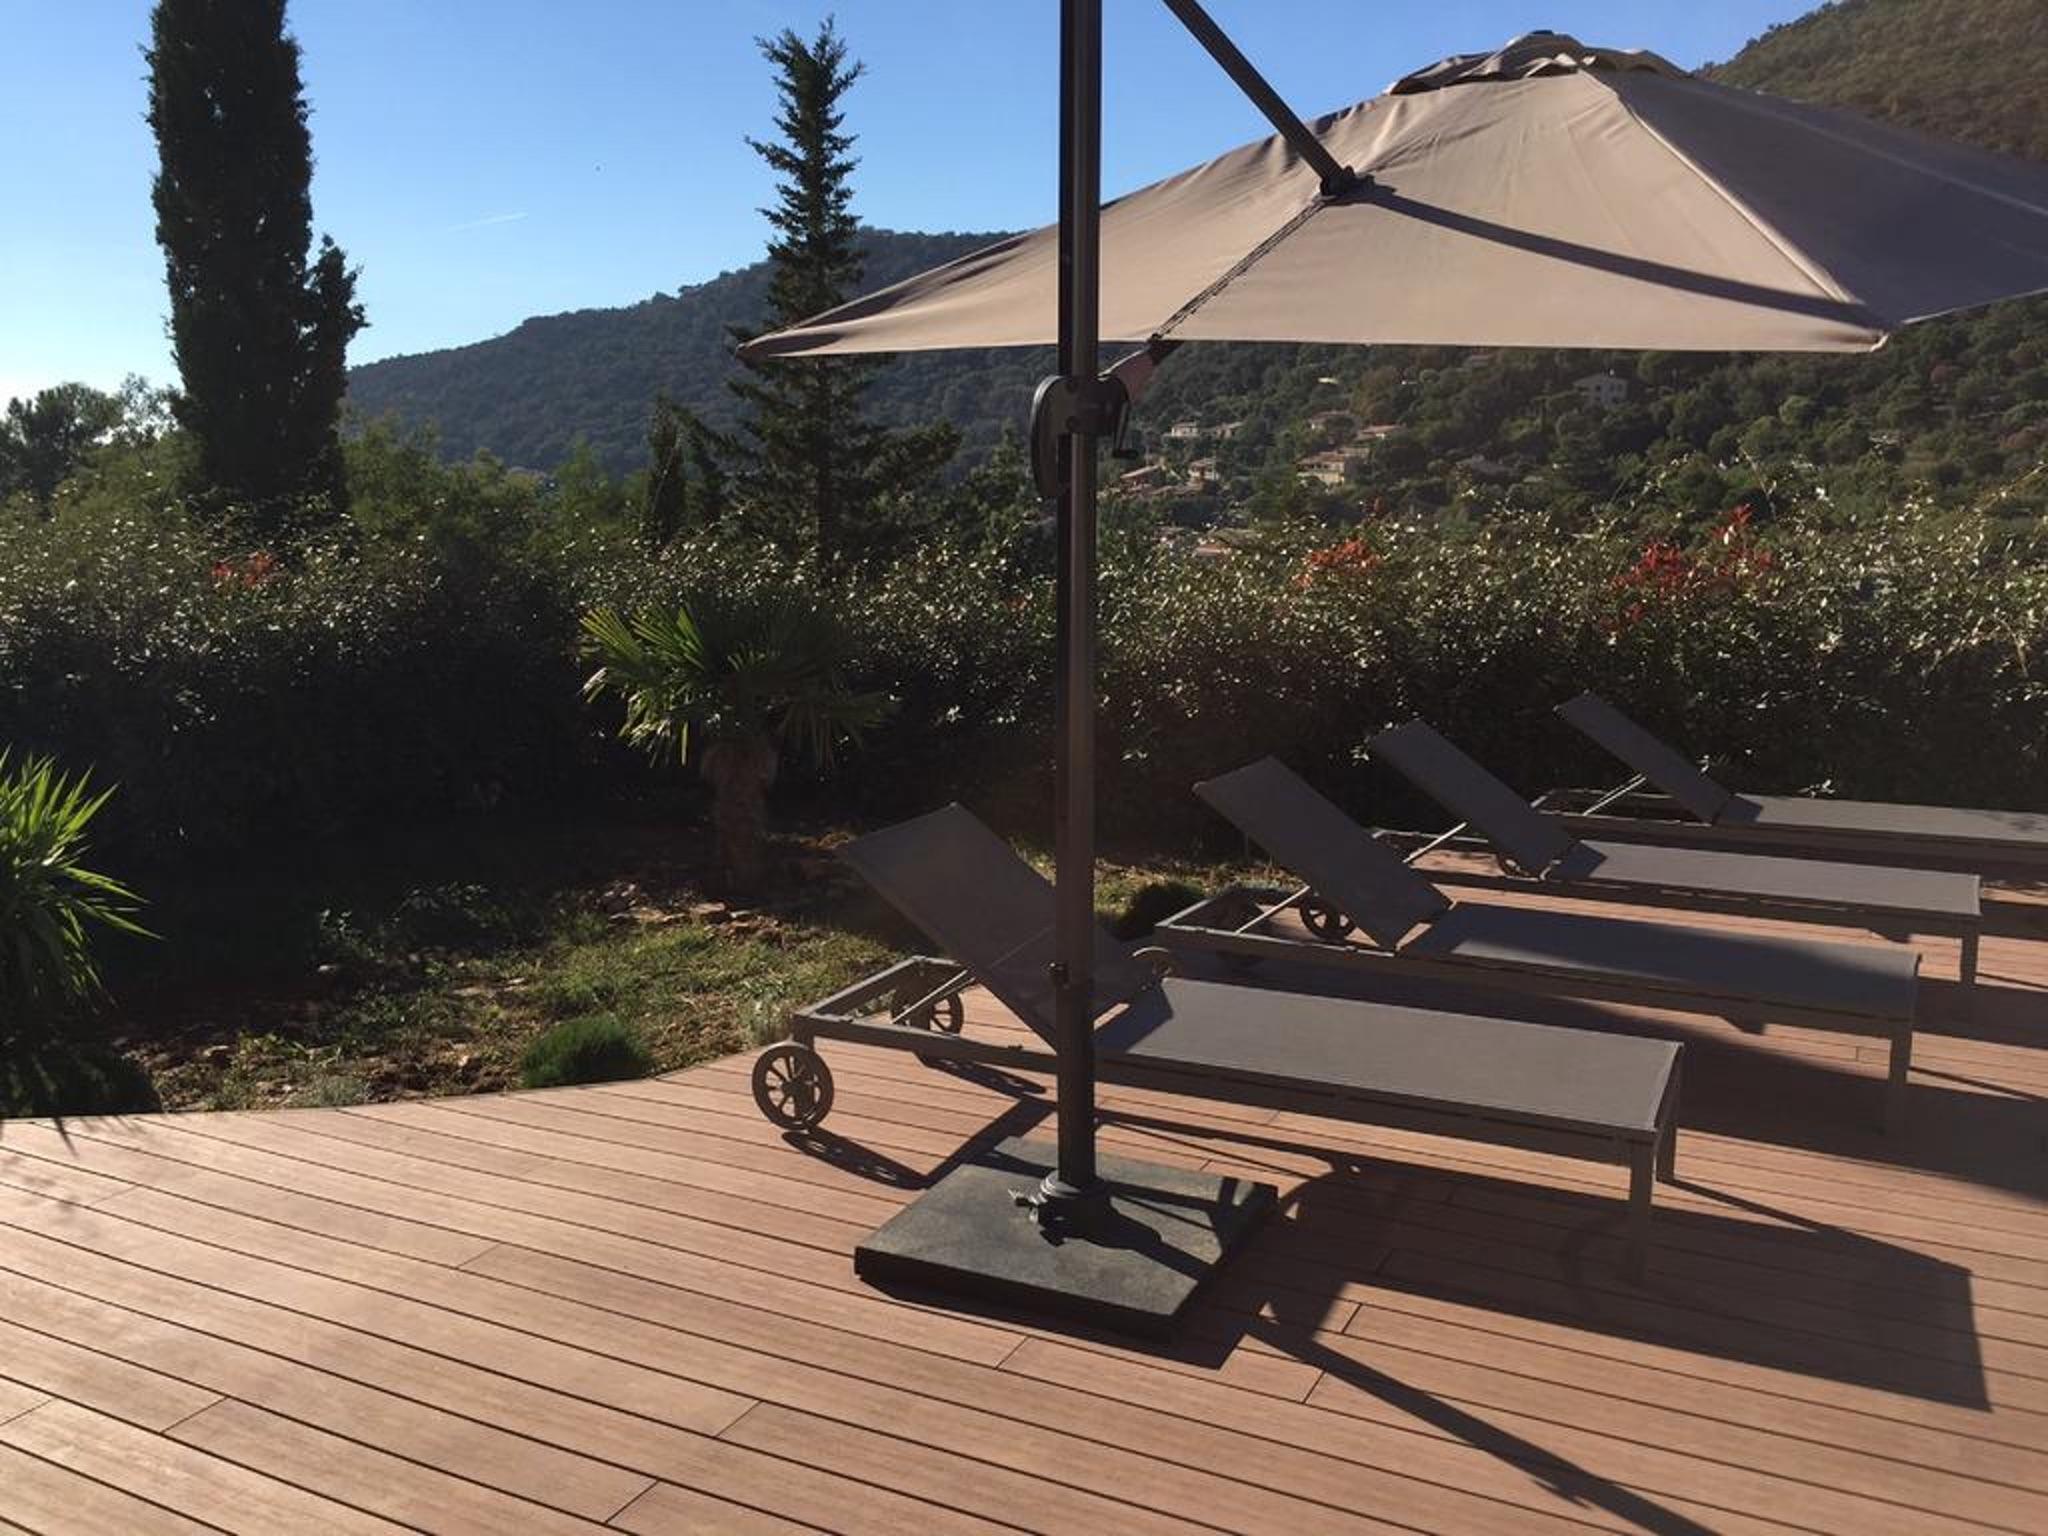 Maison de vacances Villa mit 5 Schlafzimmern in Rayol-Canadel-sur-Mer mit toller Aussicht auf die Berge, priv (2201555), Le Lavandou, Côte d'Azur, Provence - Alpes - Côte d'Azur, France, image 40